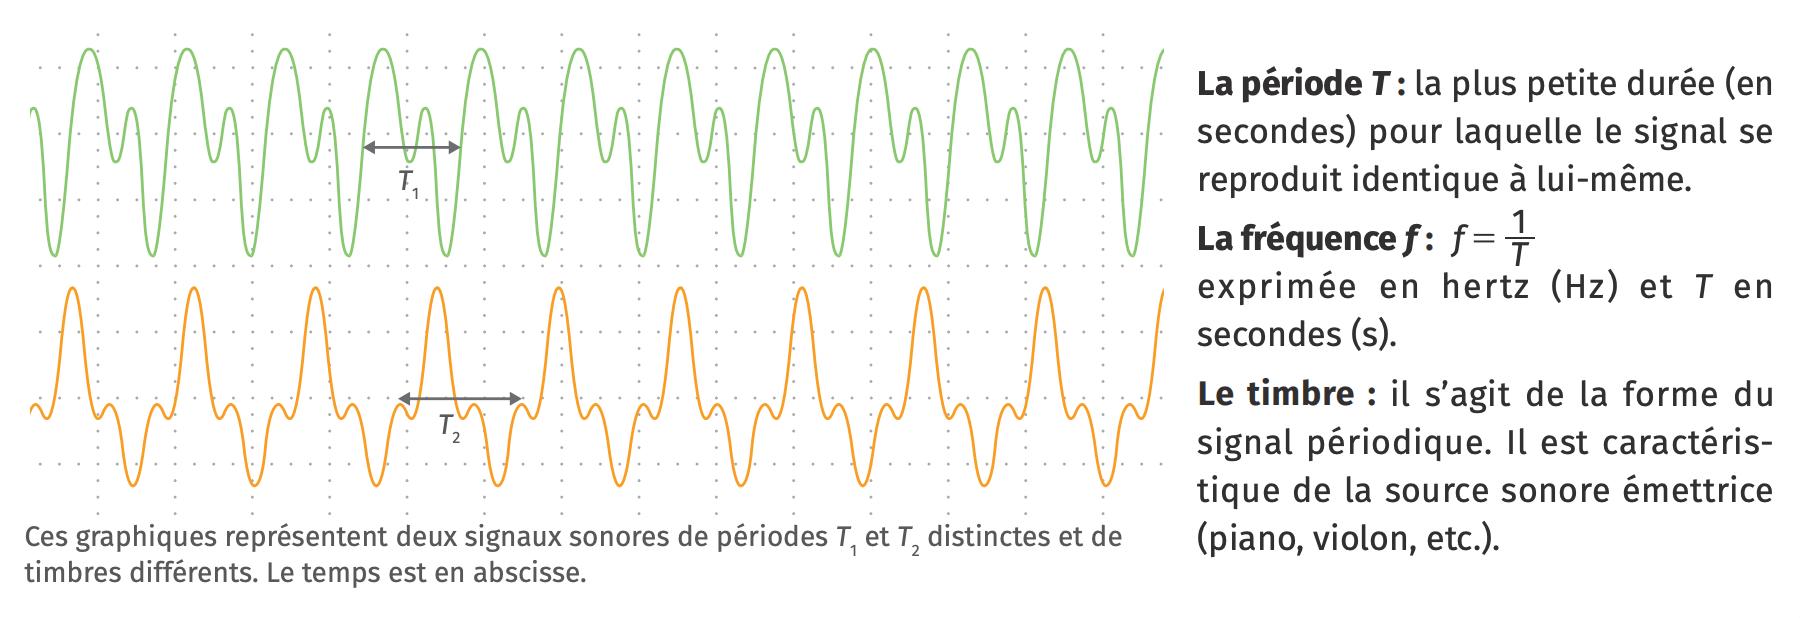 Caractéristiques d'un signal sonore